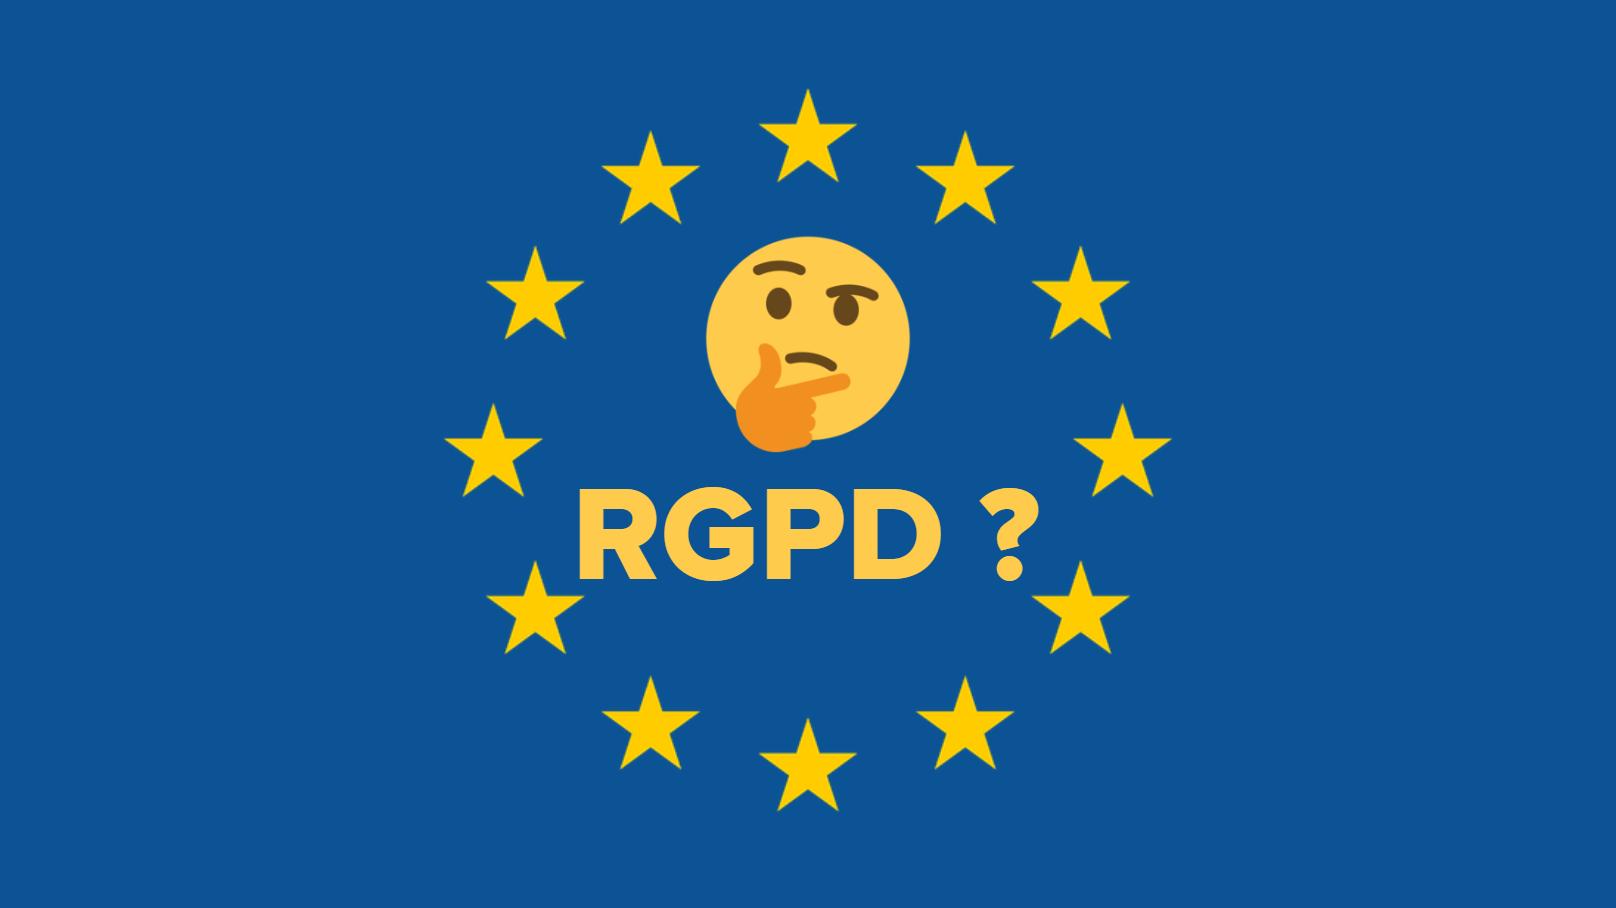 RGPD : 5 leçons à retenir pour collecter les consentements